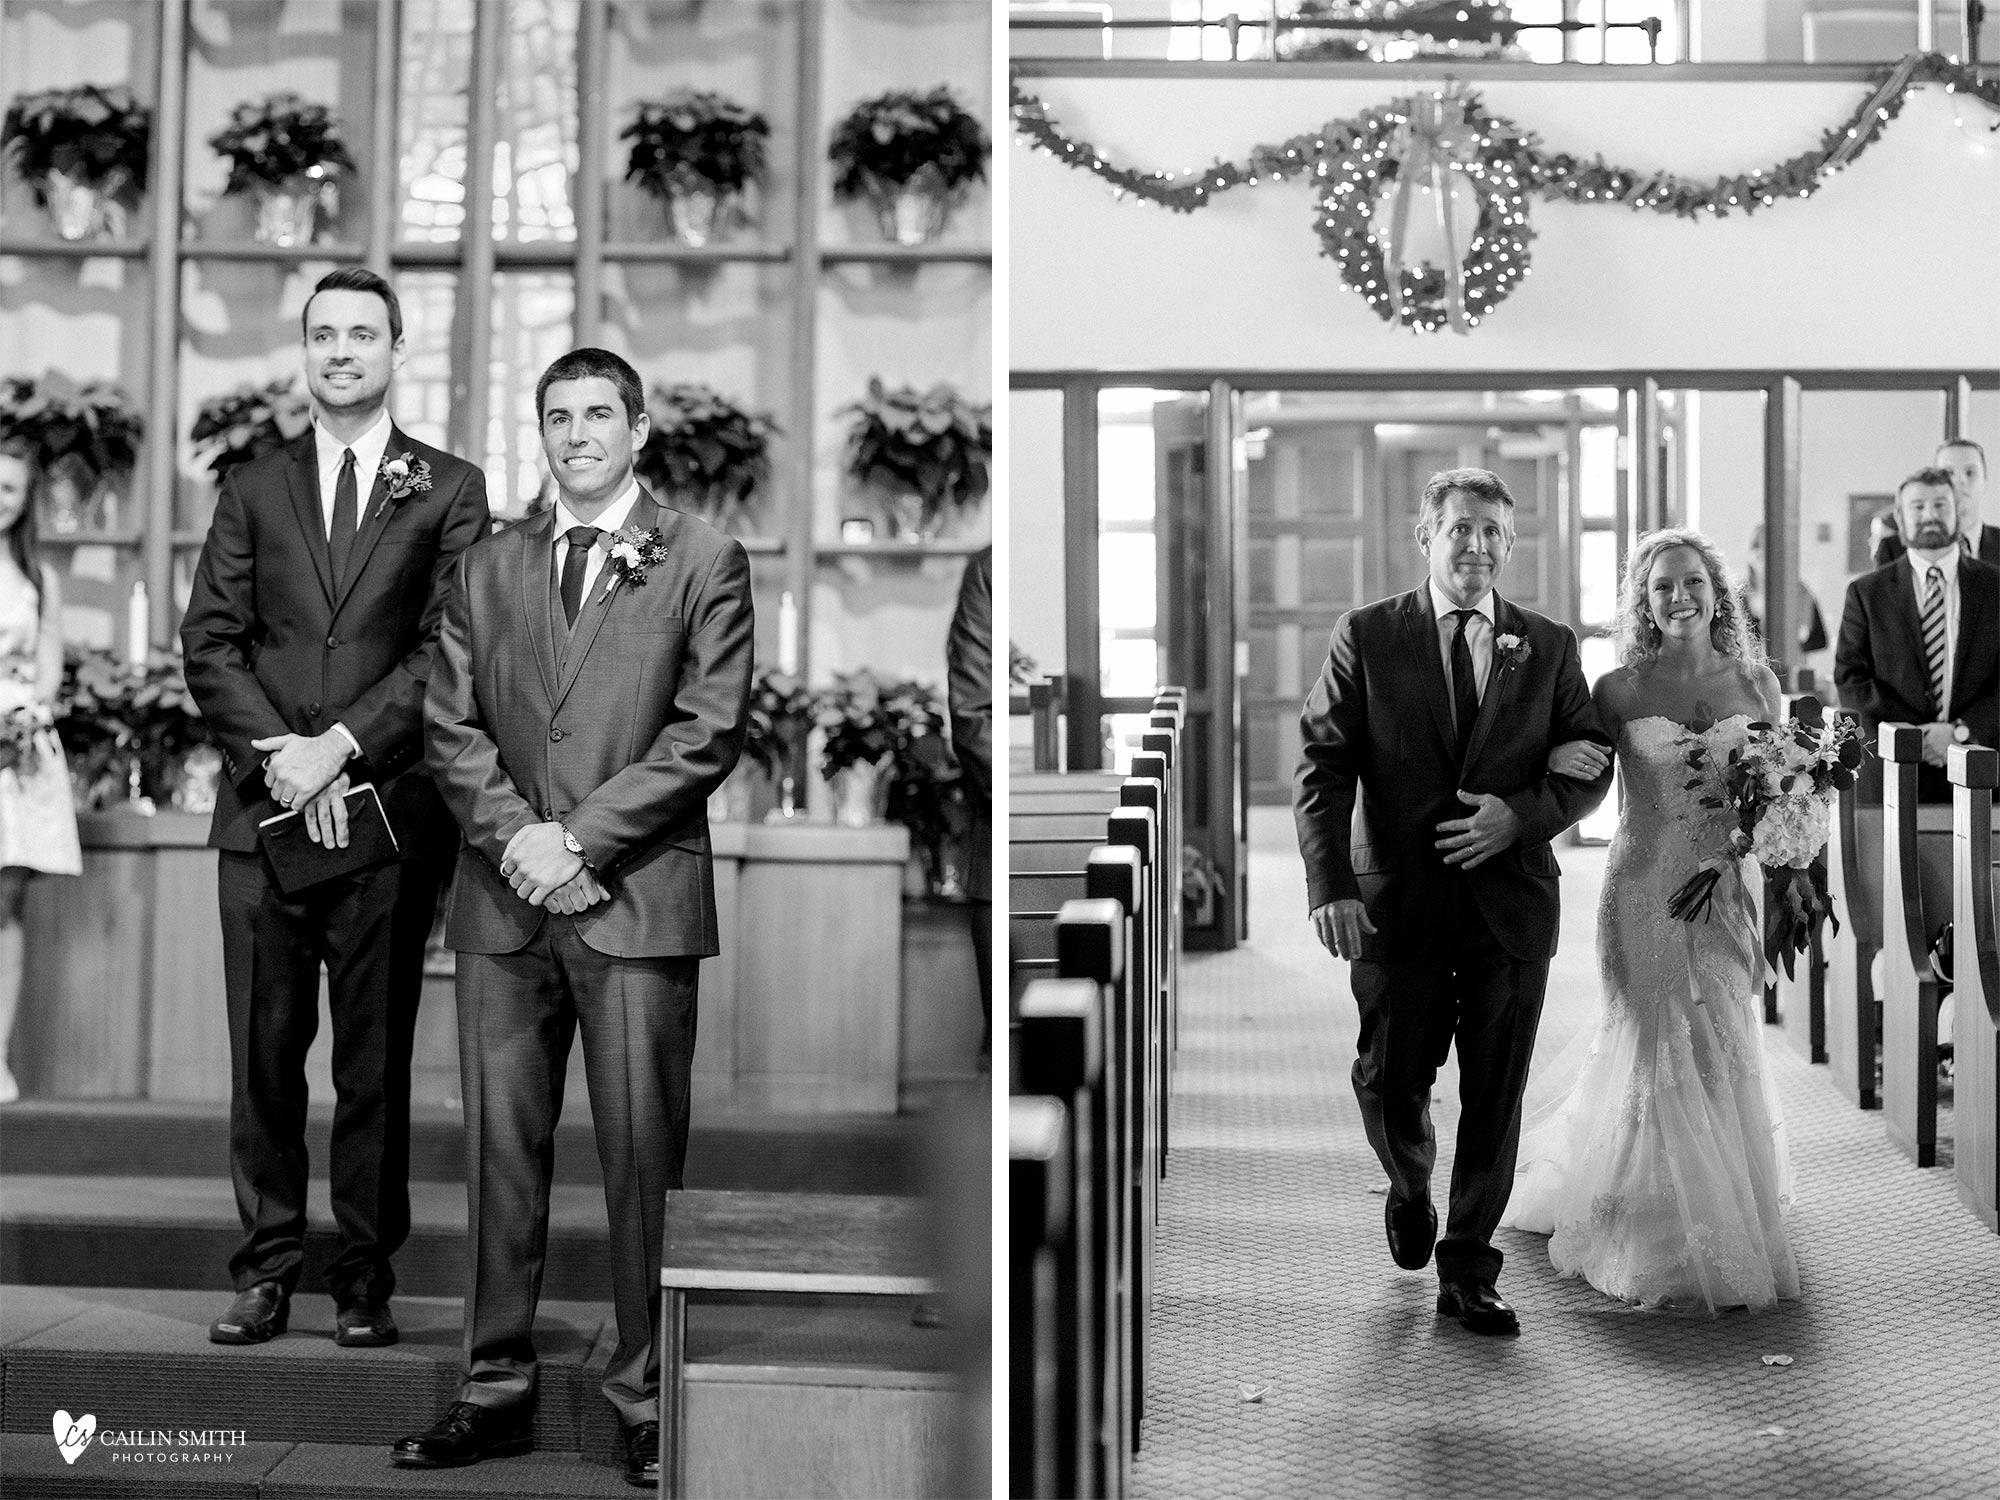 Leah_Major_St_Marys_Wedding_Photography_073.jpg